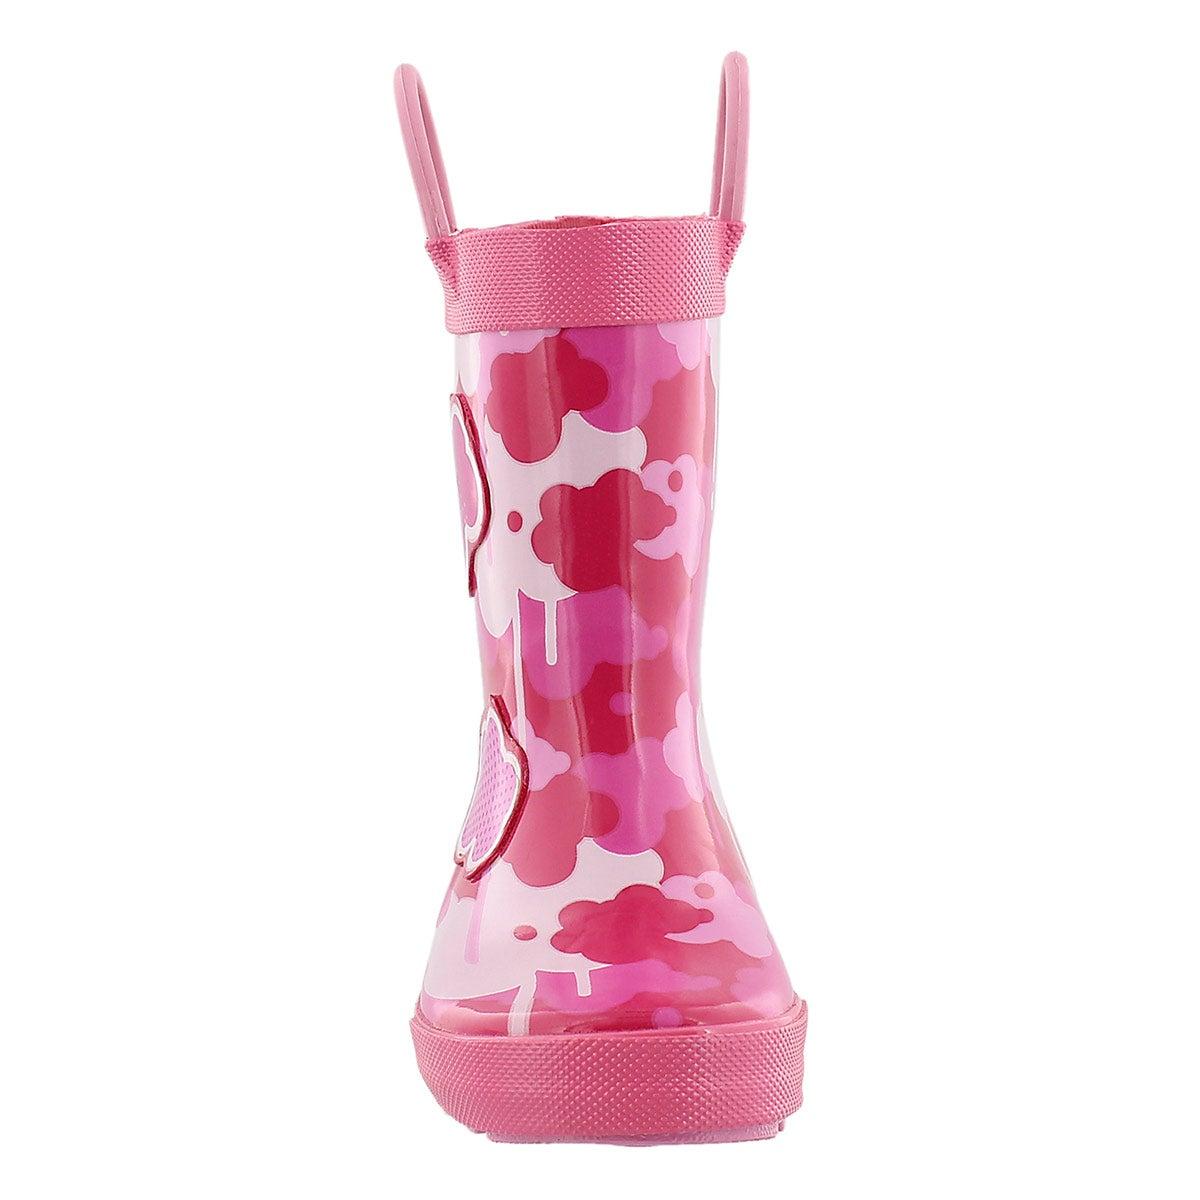 Botte de pluie Wildcloud, rose fonc, béb